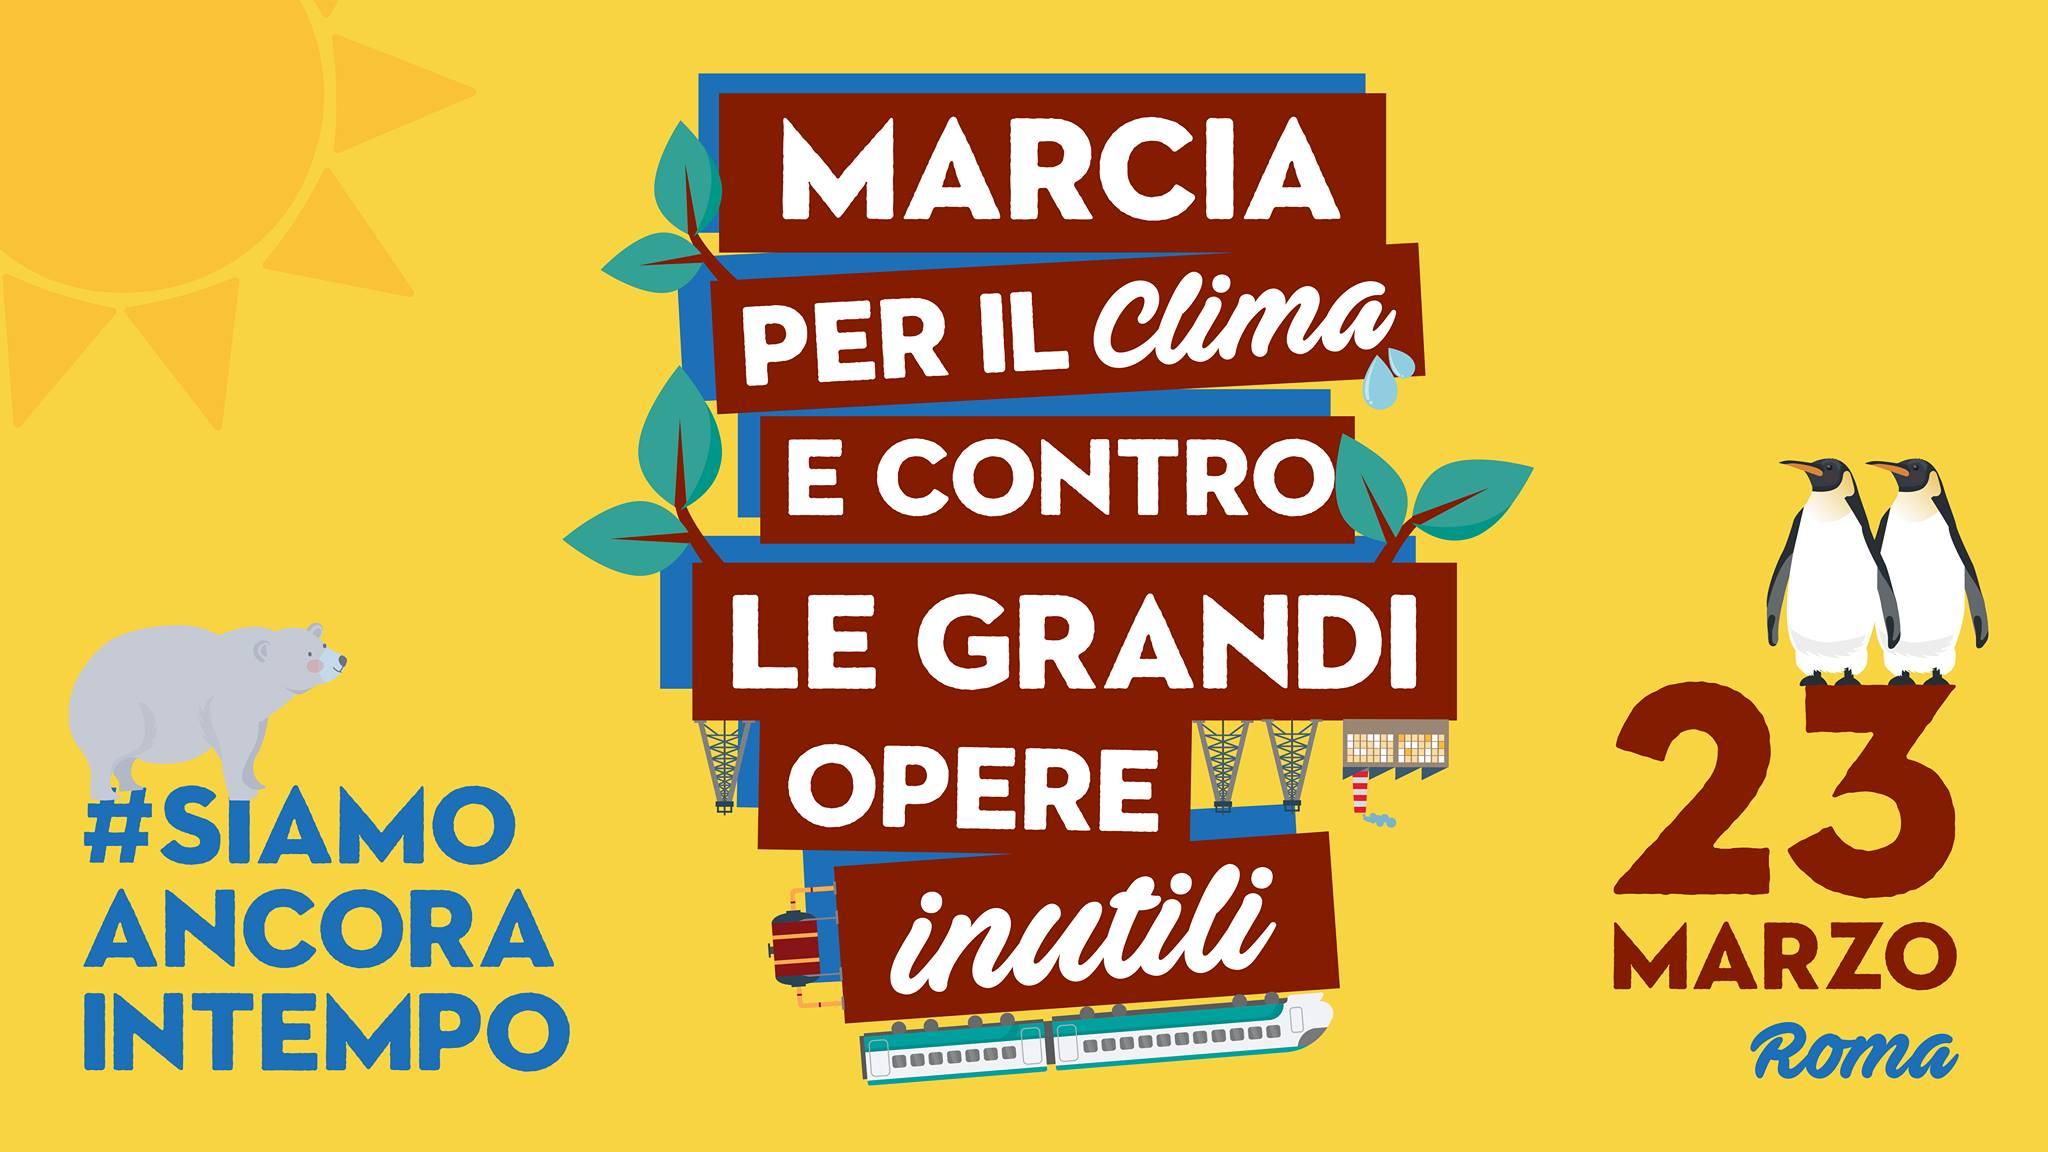 Risultati immagini per MARCIA PER IL CLIMA, CONTRO LE GRANDI OPERE INUTILI